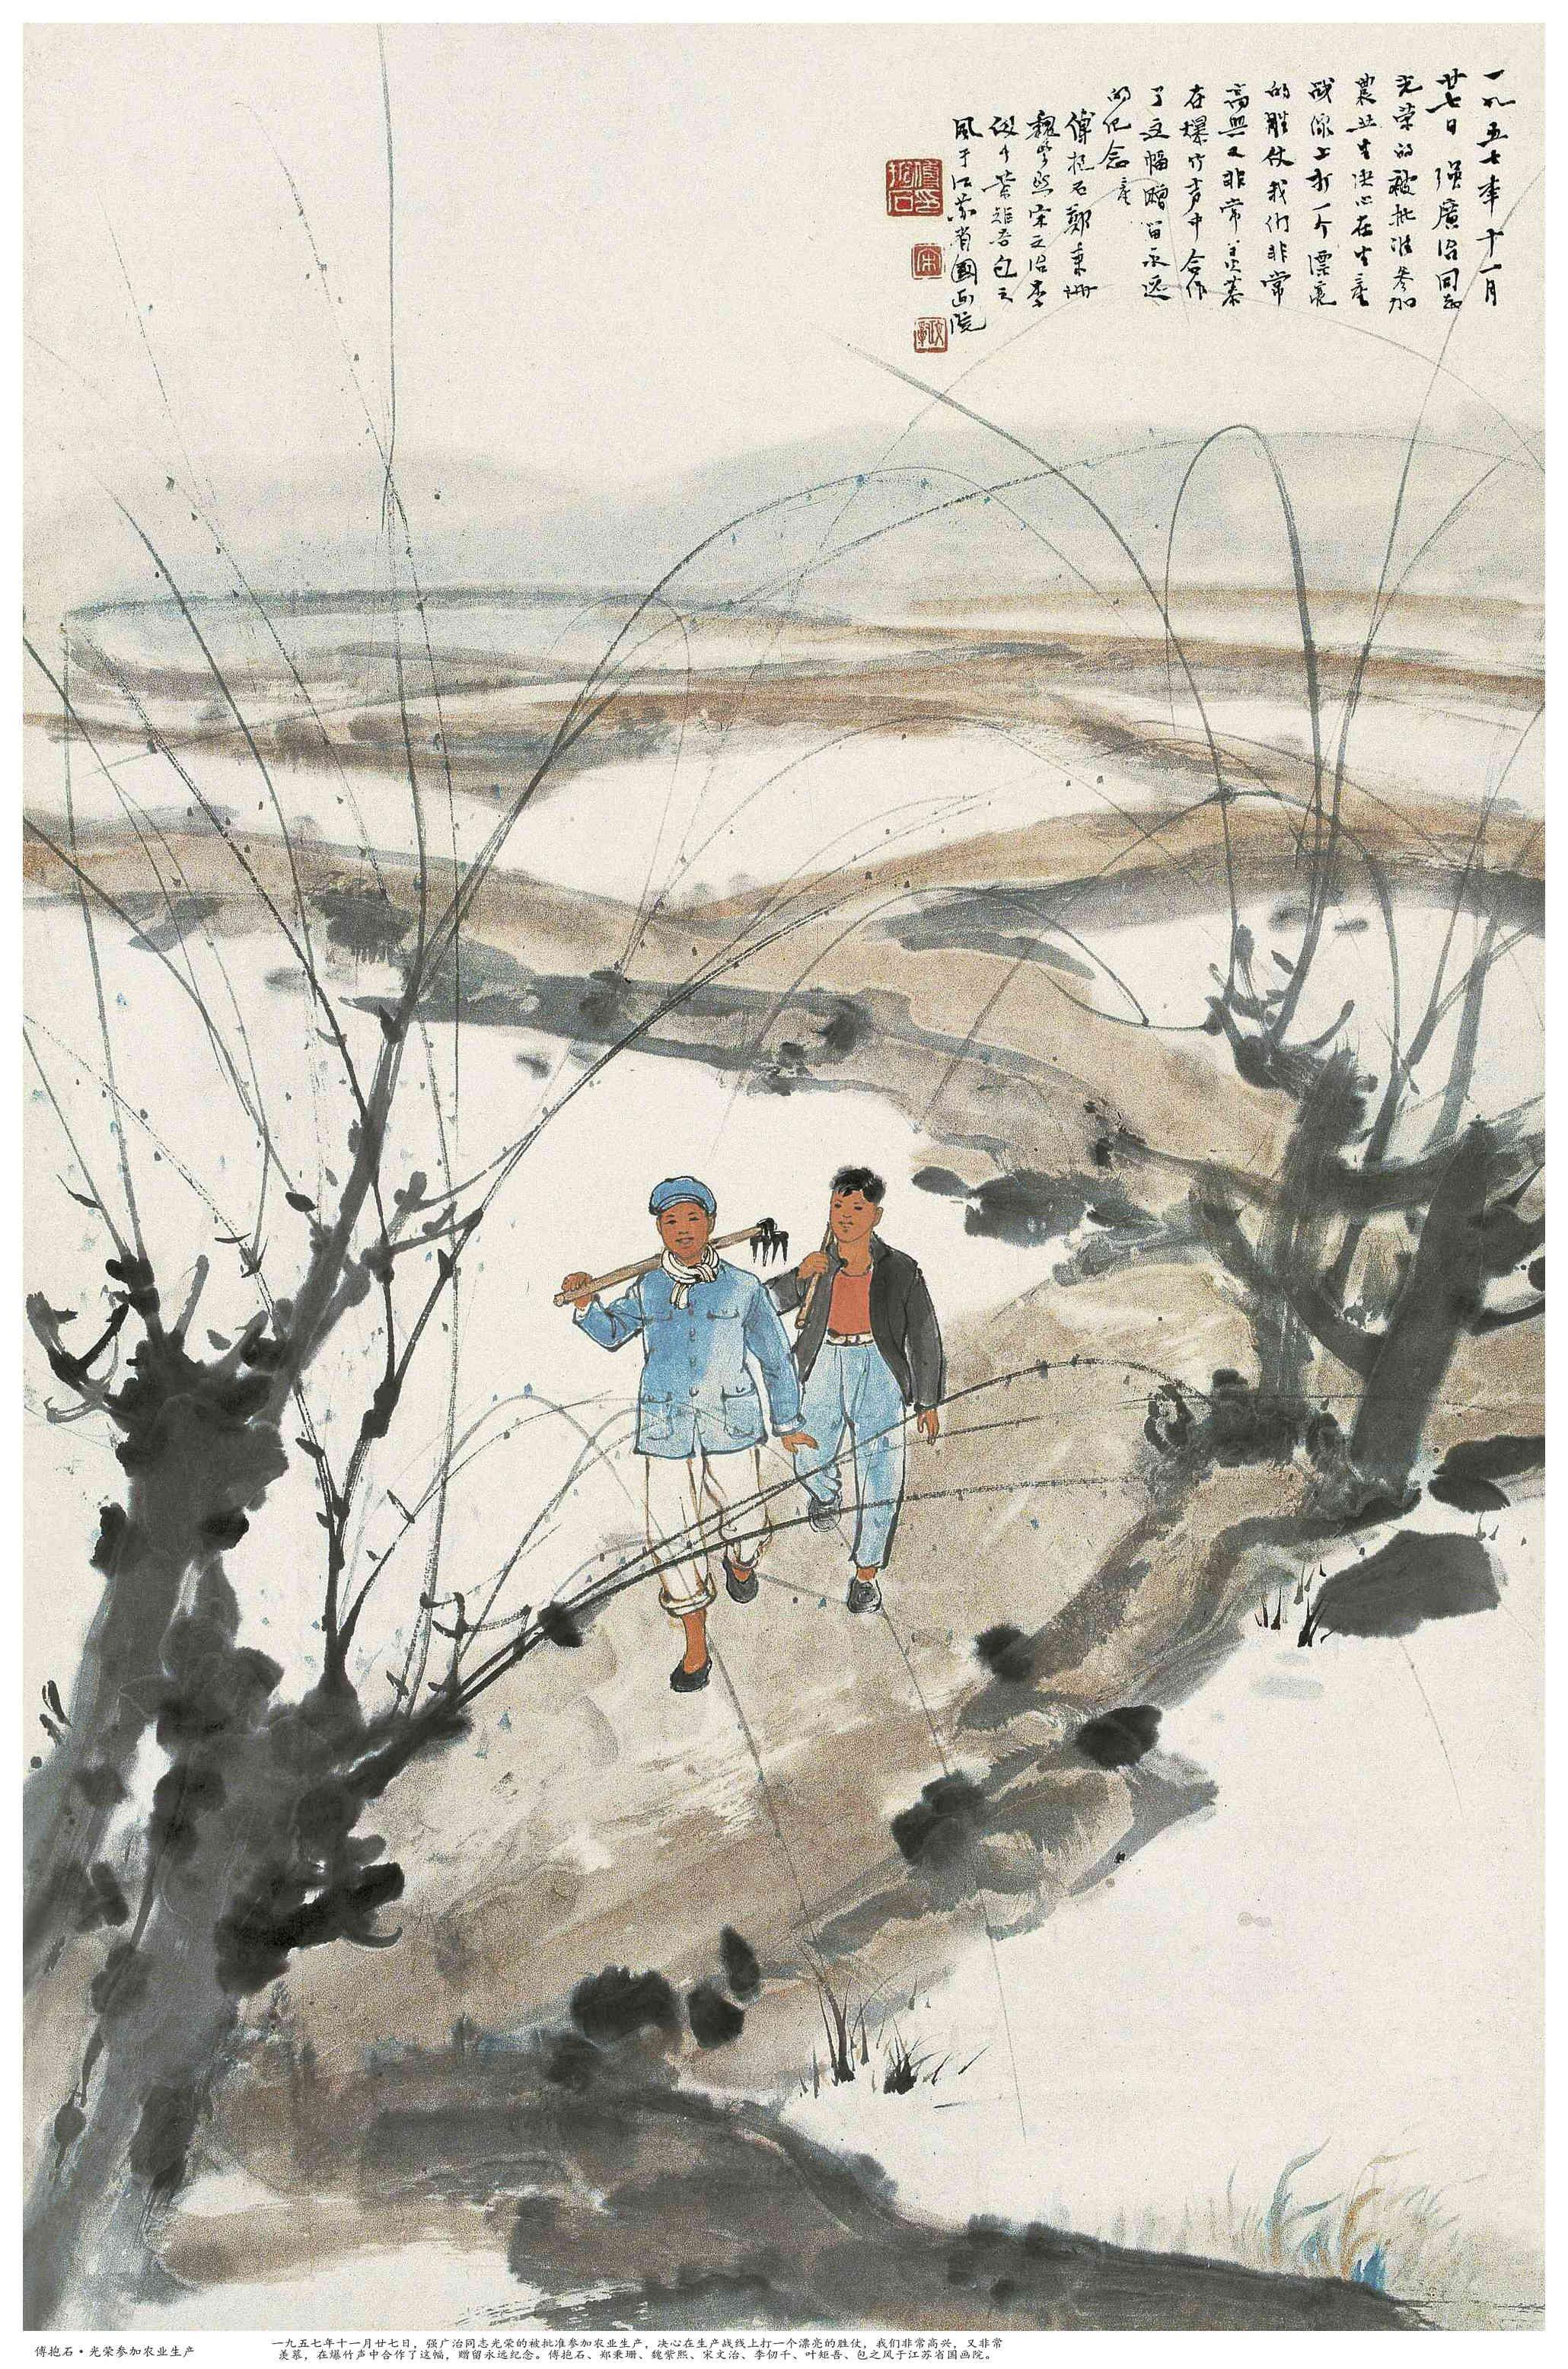 七十年代农村宣传画欣赏-管叫山河换新装